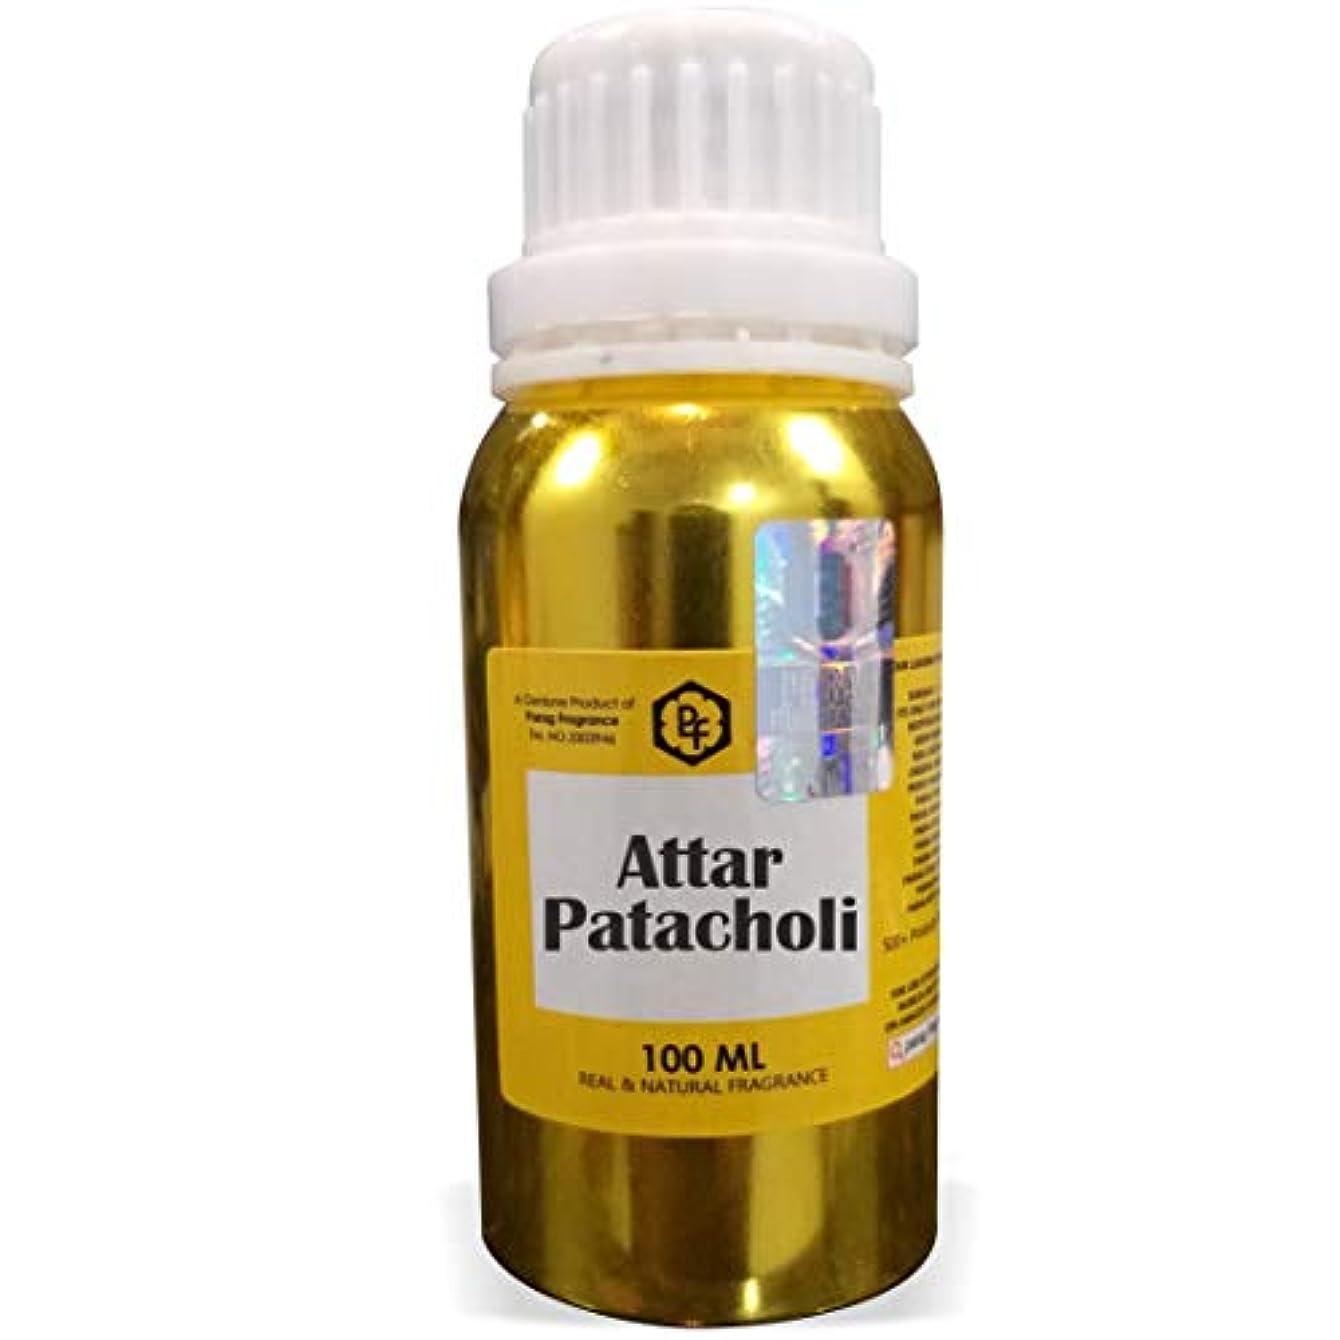 スカーフ腐敗した第二ParagフレグランスPatacholiアター100ミリリットル(男性用アルコールフリーアター)香油| 香り| ITRA